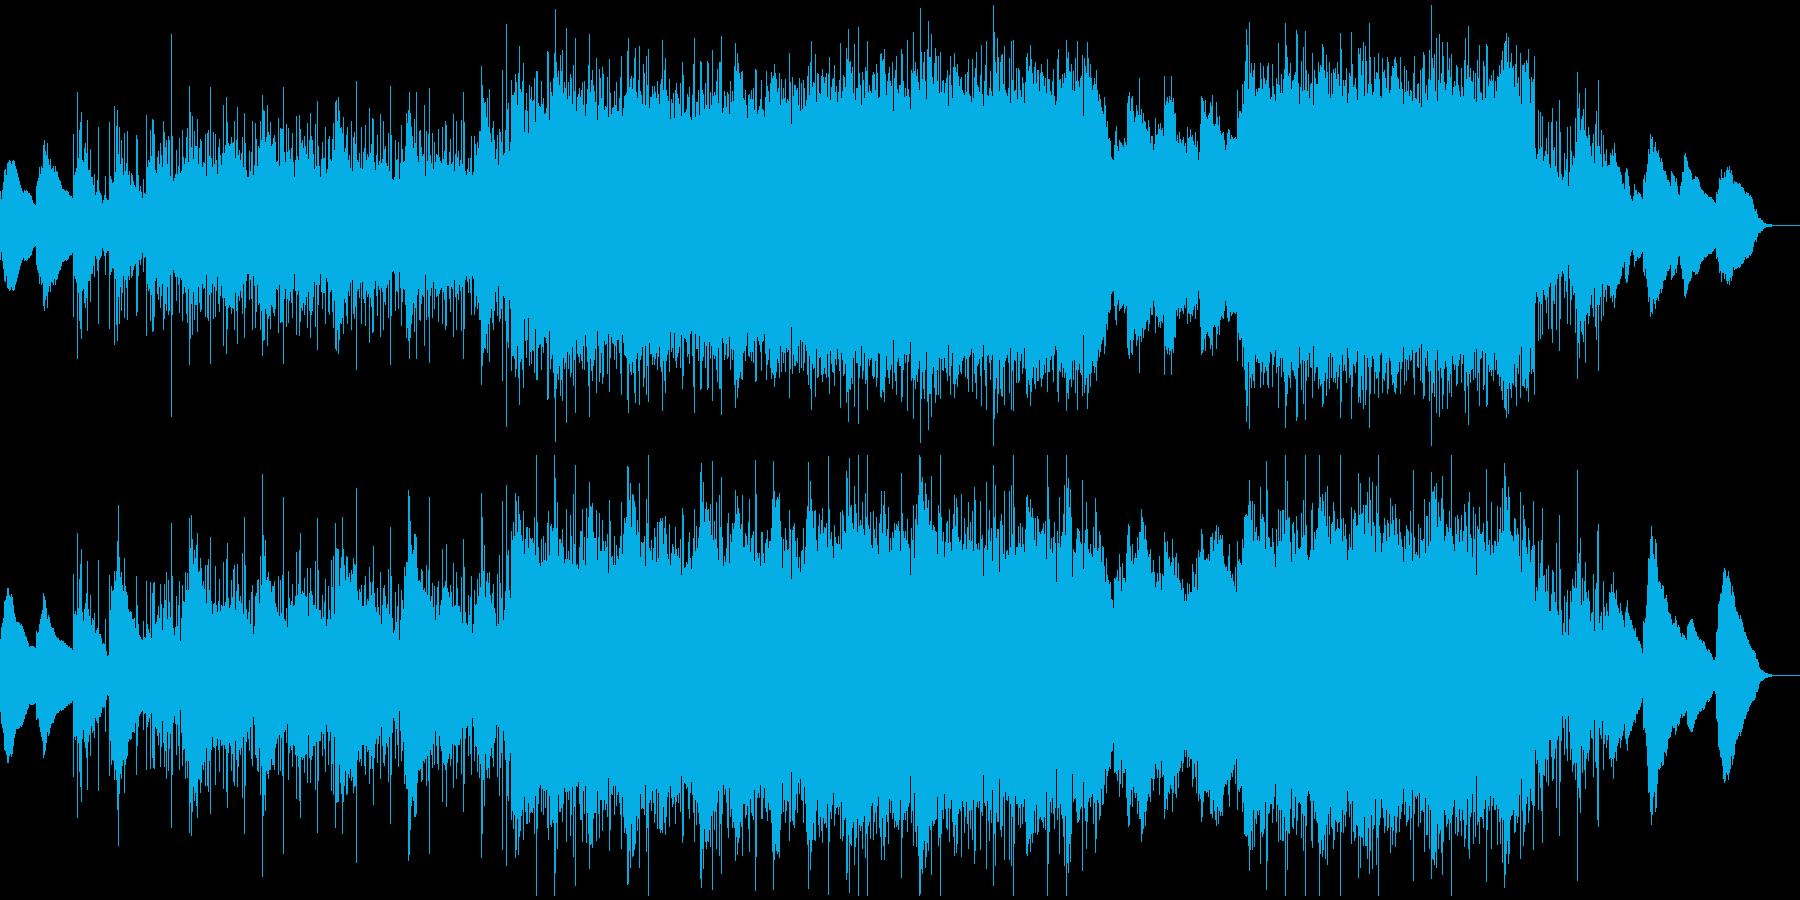 暗め悲しげなBGMの再生済みの波形